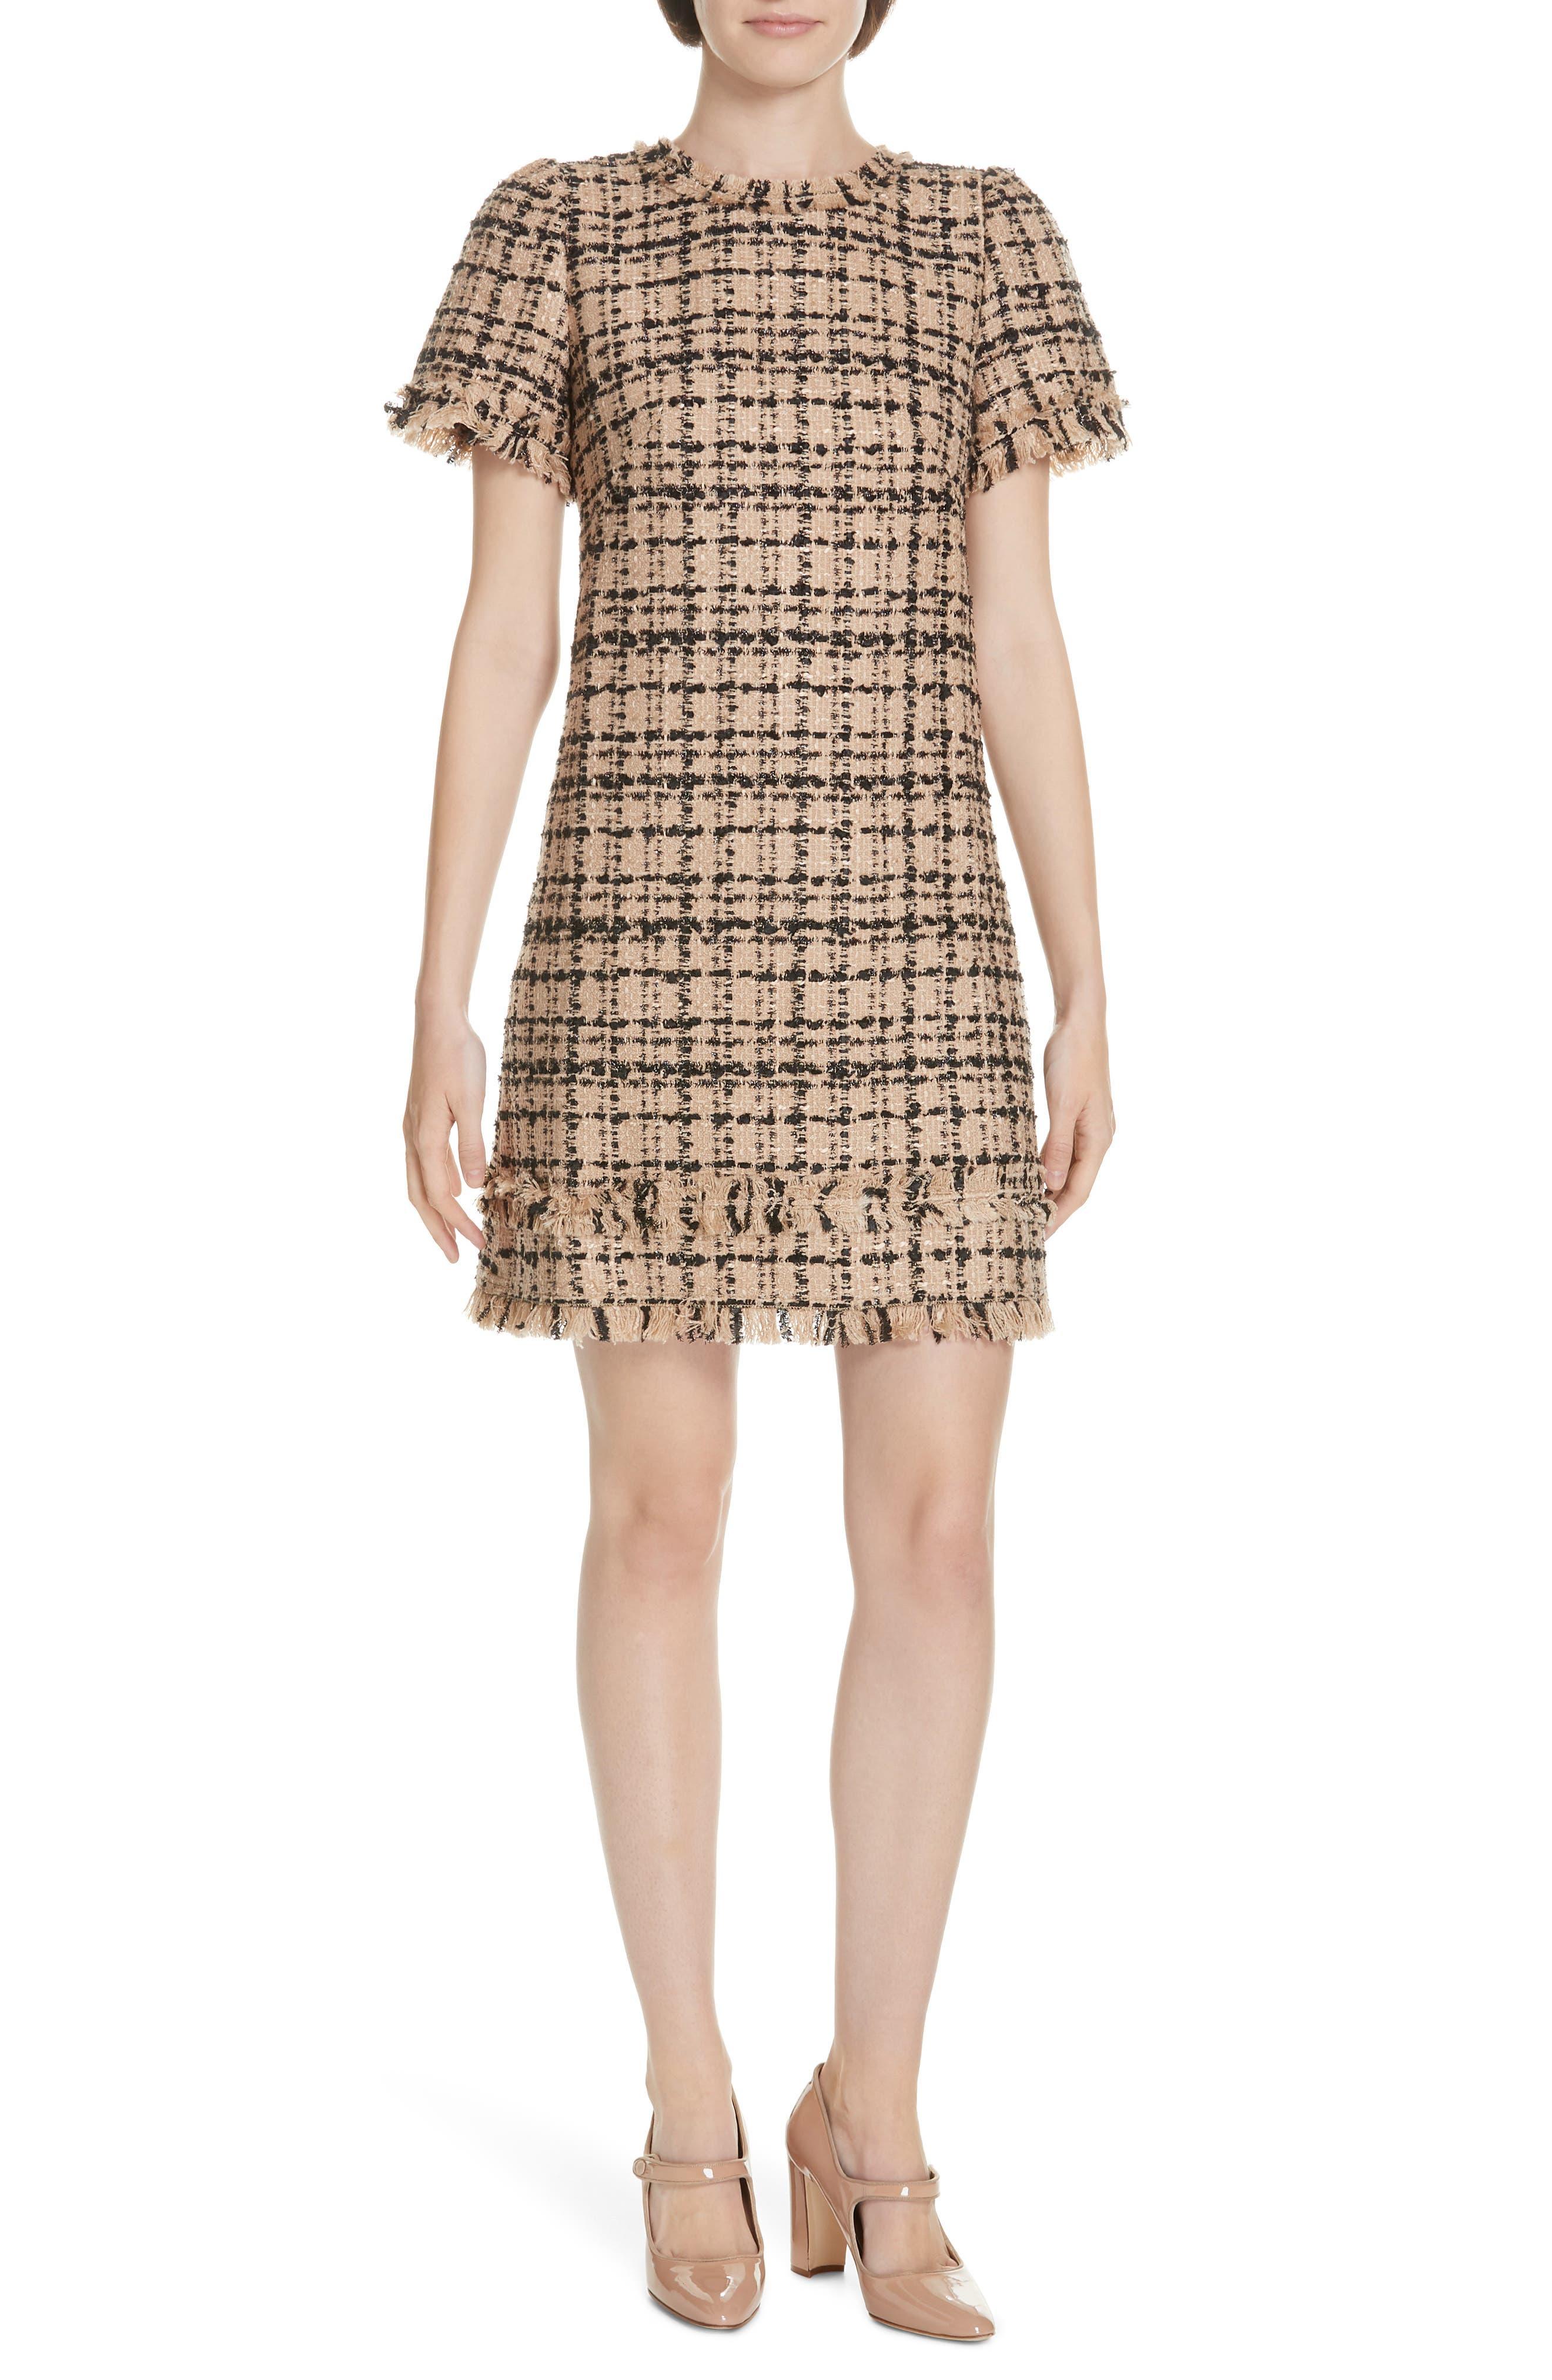 Kate Spade New York Two-Tone Tweed Dress, Beige